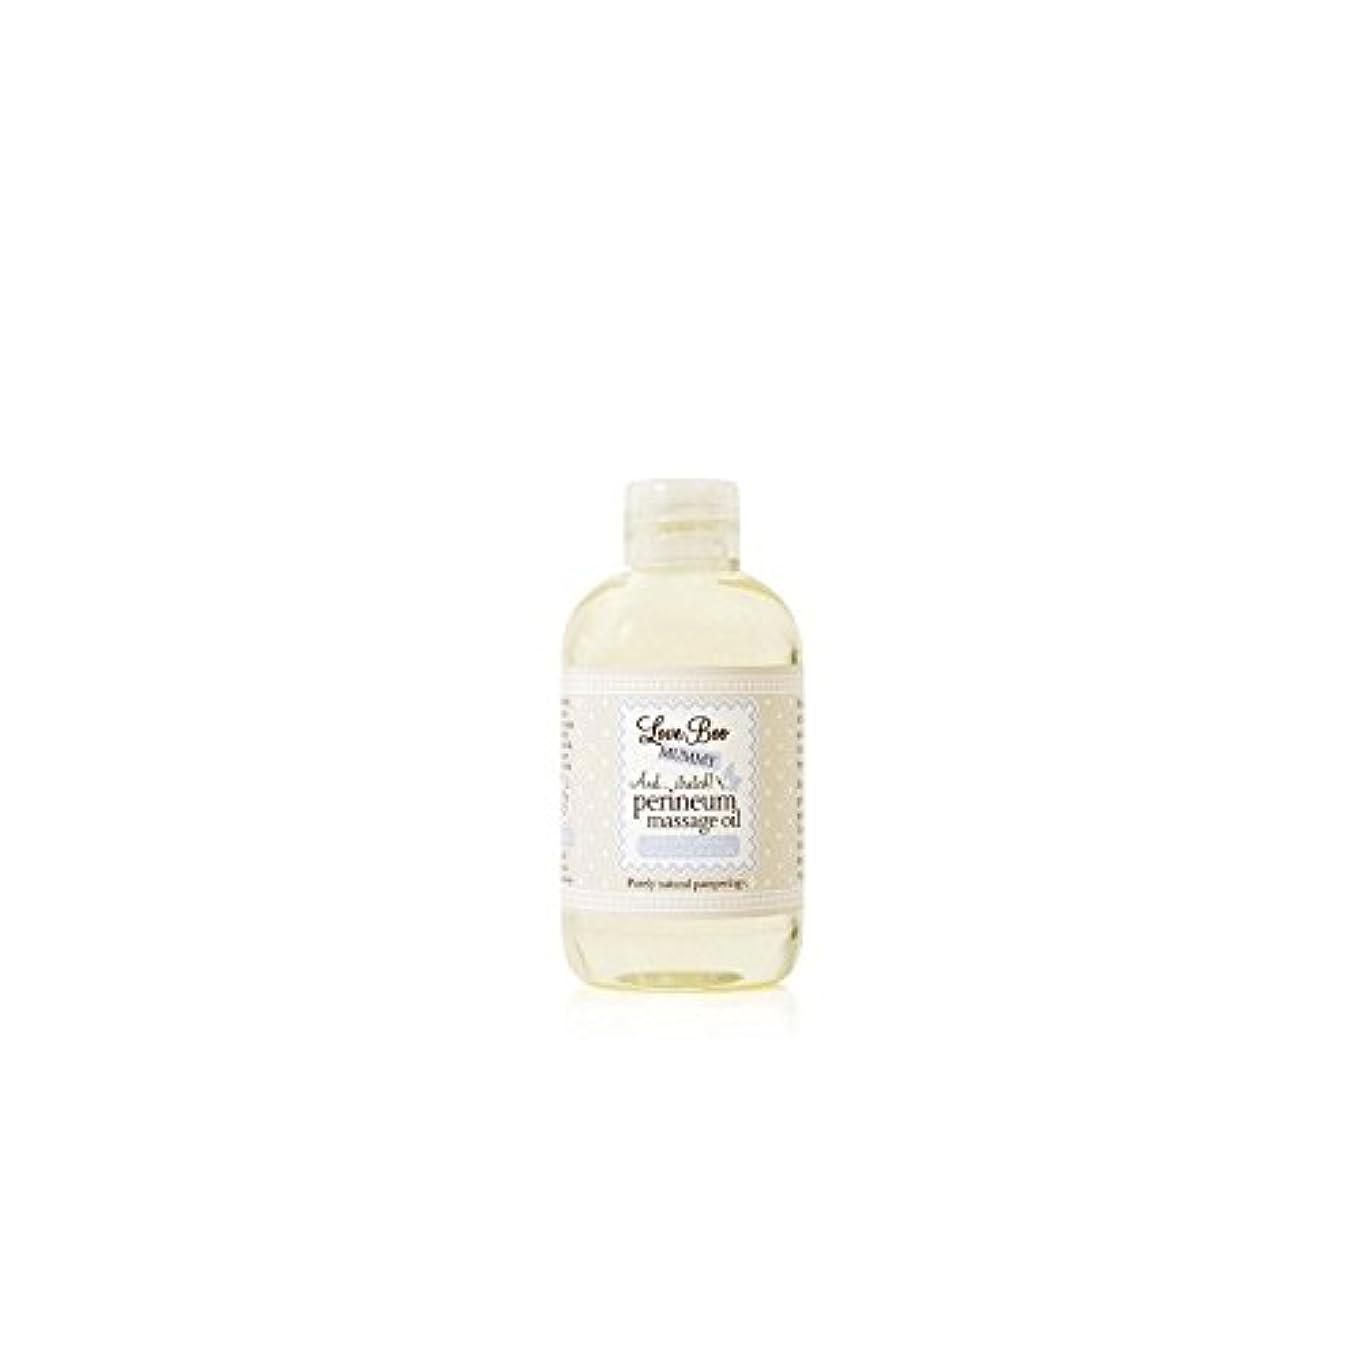 彼分解する蜂Love Boo Perineum Massage Oil (100ml) - 会陰マッサージオイル(100)にブーイングの愛 [並行輸入品]